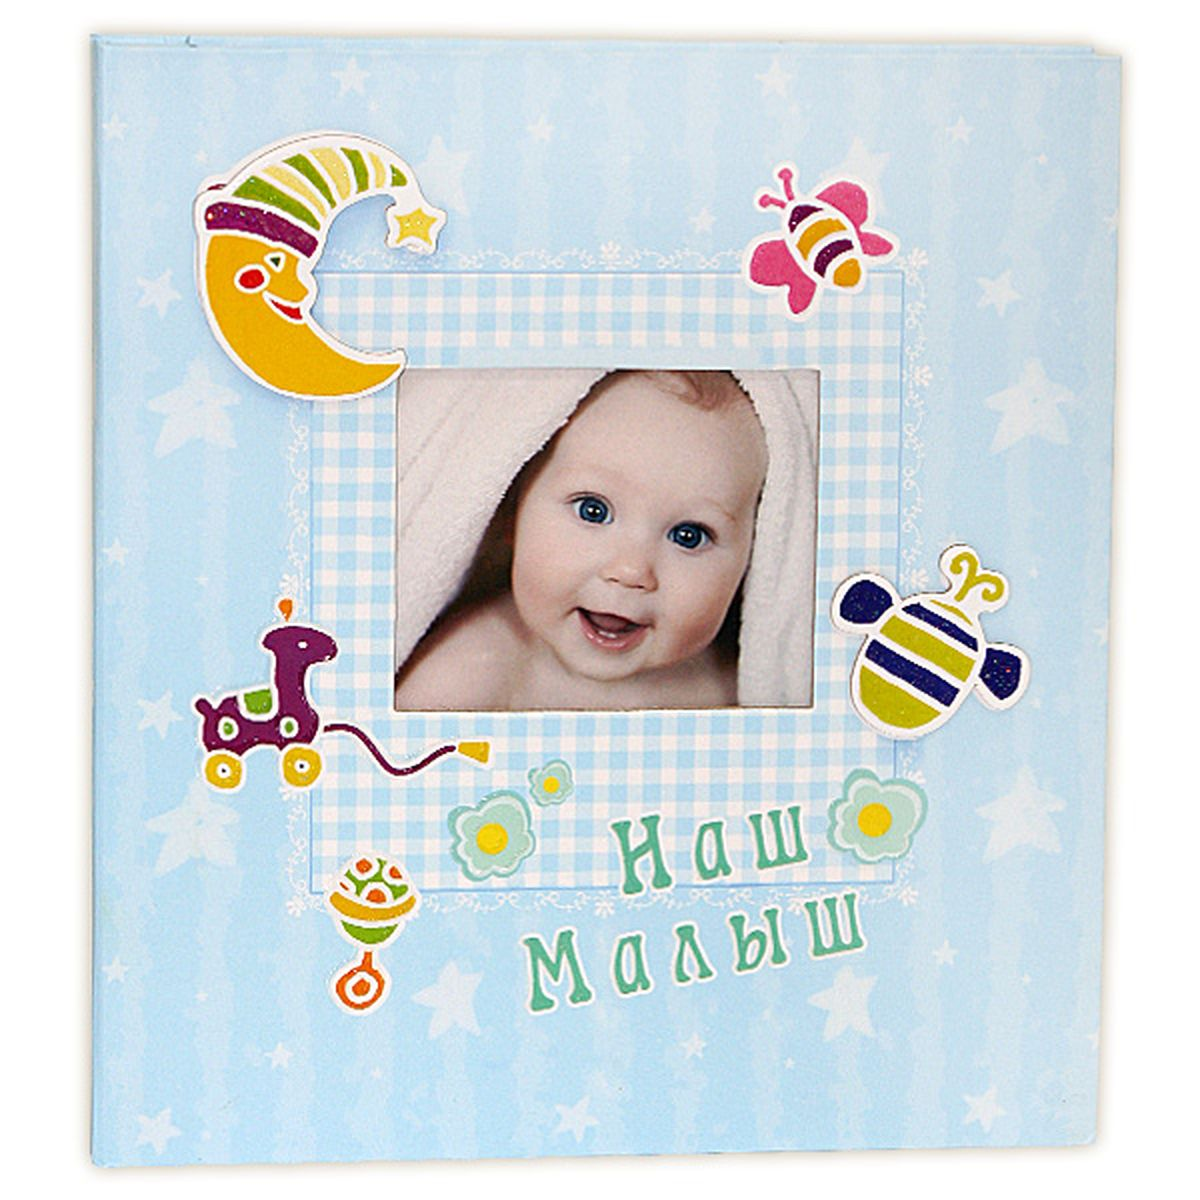 Фотокнига Pioneer Our Baby 6, цвет: голубой, 26 x 28 см46417 FAФотокнига Pioneer позволит вам запечатлеть моменты жизни вашего ребенка. Изделие выполнено из картона и плотной бумаги,может быть использовано для создания памятного альбома в технике скрапбукинг. В книге находится 8 страниц-анкет для заполнения, 24магнитные страницы и рамкадля фото. Тип скрепления: спираль. Формат фотографий: 26 х 28 см. Материал страниц: бумага. Тип страниц: магнитный.